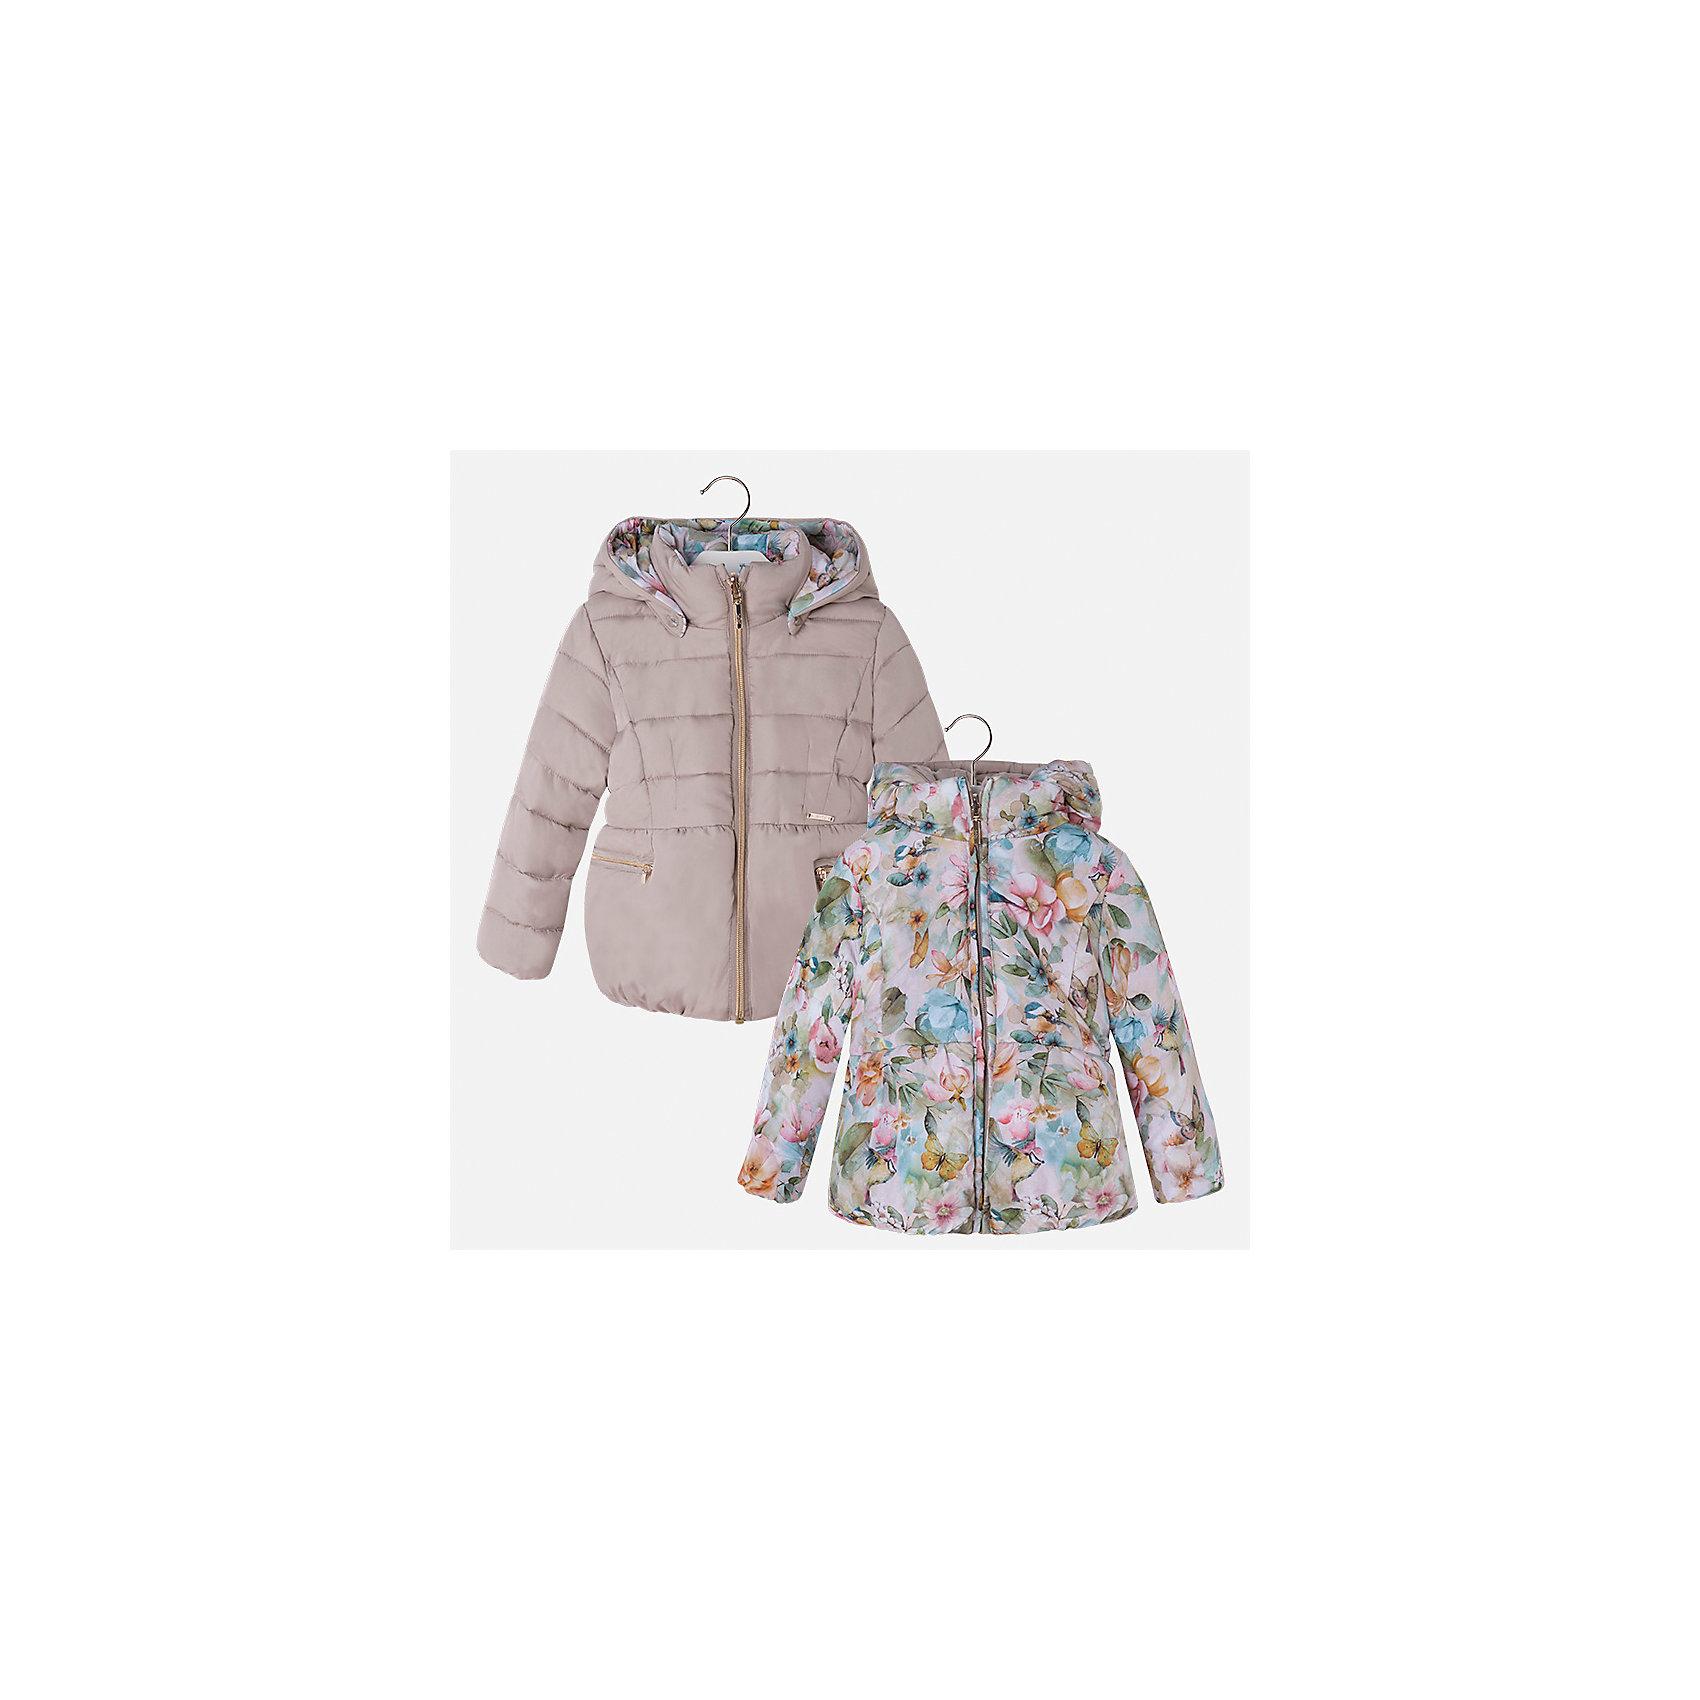 Куртка Mayoral для девочкиВерхняя одежда<br>Характеристики товара:<br><br>• цвет: коричневый<br>• состав ткани: 100% полиамид, подклад - 100% полиэстер, утеплитель - 100% полиэстер<br>• застежка: молния<br>• длинные рукава<br>• двусторонняя<br>• сезон: демисезон<br>• температурный режим: от 0 до -10С<br>• страна бренда: Испания<br>• страна изготовитель: Китай<br><br>Двусторонняя куртка для девочки эффектно смотрится благодаря приталенному силуэту. Модная куртка от Майорал - это пример отличного вкуса и высокого качества. <br><br>В одежде от испанской компании Майорал ребенок будет выглядеть модно, а чувствовать себя - комфортно. Целая команда европейских талантливых дизайнеров работает над созданием стильных и оригинальных моделей одежды.<br><br>Куртку для девочки Mayoral (Майорал) можно купить в нашем интернет-магазине.<br><br>Ширина мм: 356<br>Глубина мм: 10<br>Высота мм: 245<br>Вес г: 519<br>Цвет: коричневый<br>Возраст от месяцев: 18<br>Возраст до месяцев: 24<br>Пол: Женский<br>Возраст: Детский<br>Размер: 92,128,134,98,104,110,116,122<br>SKU: 6924465